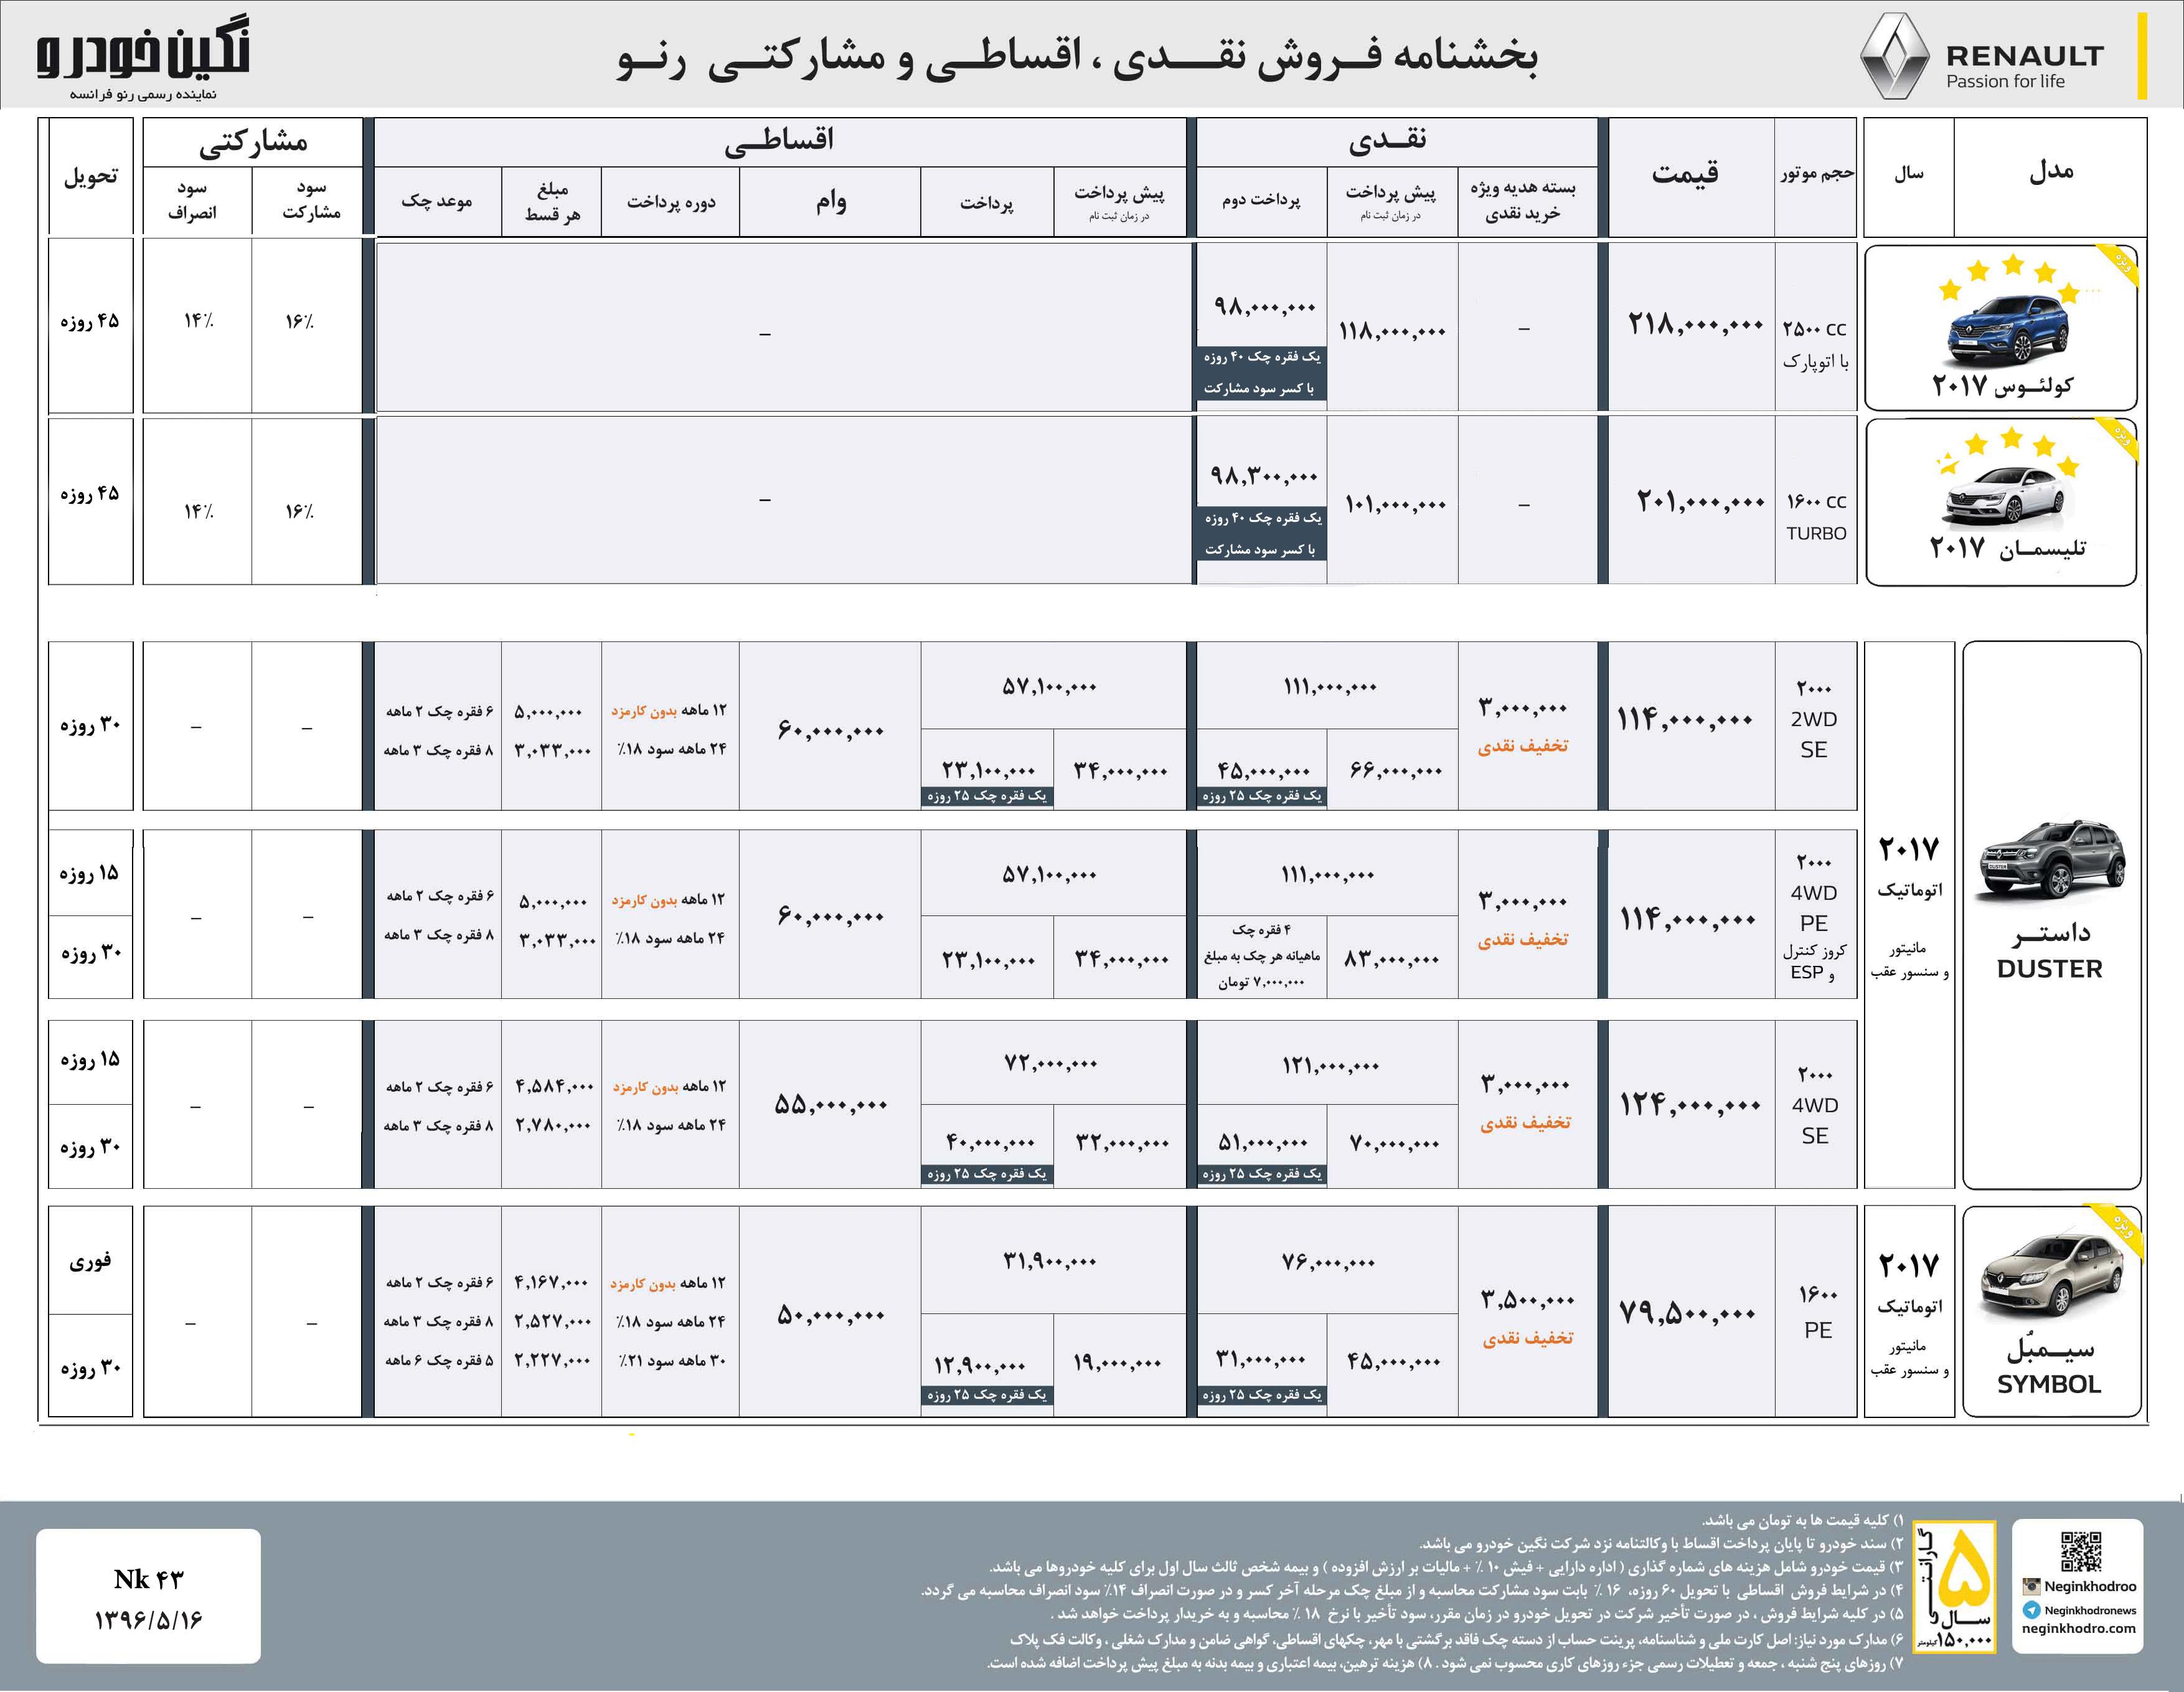 افزایش قیمت تلیسمان و کولئوس در نمایشگاه مشهد